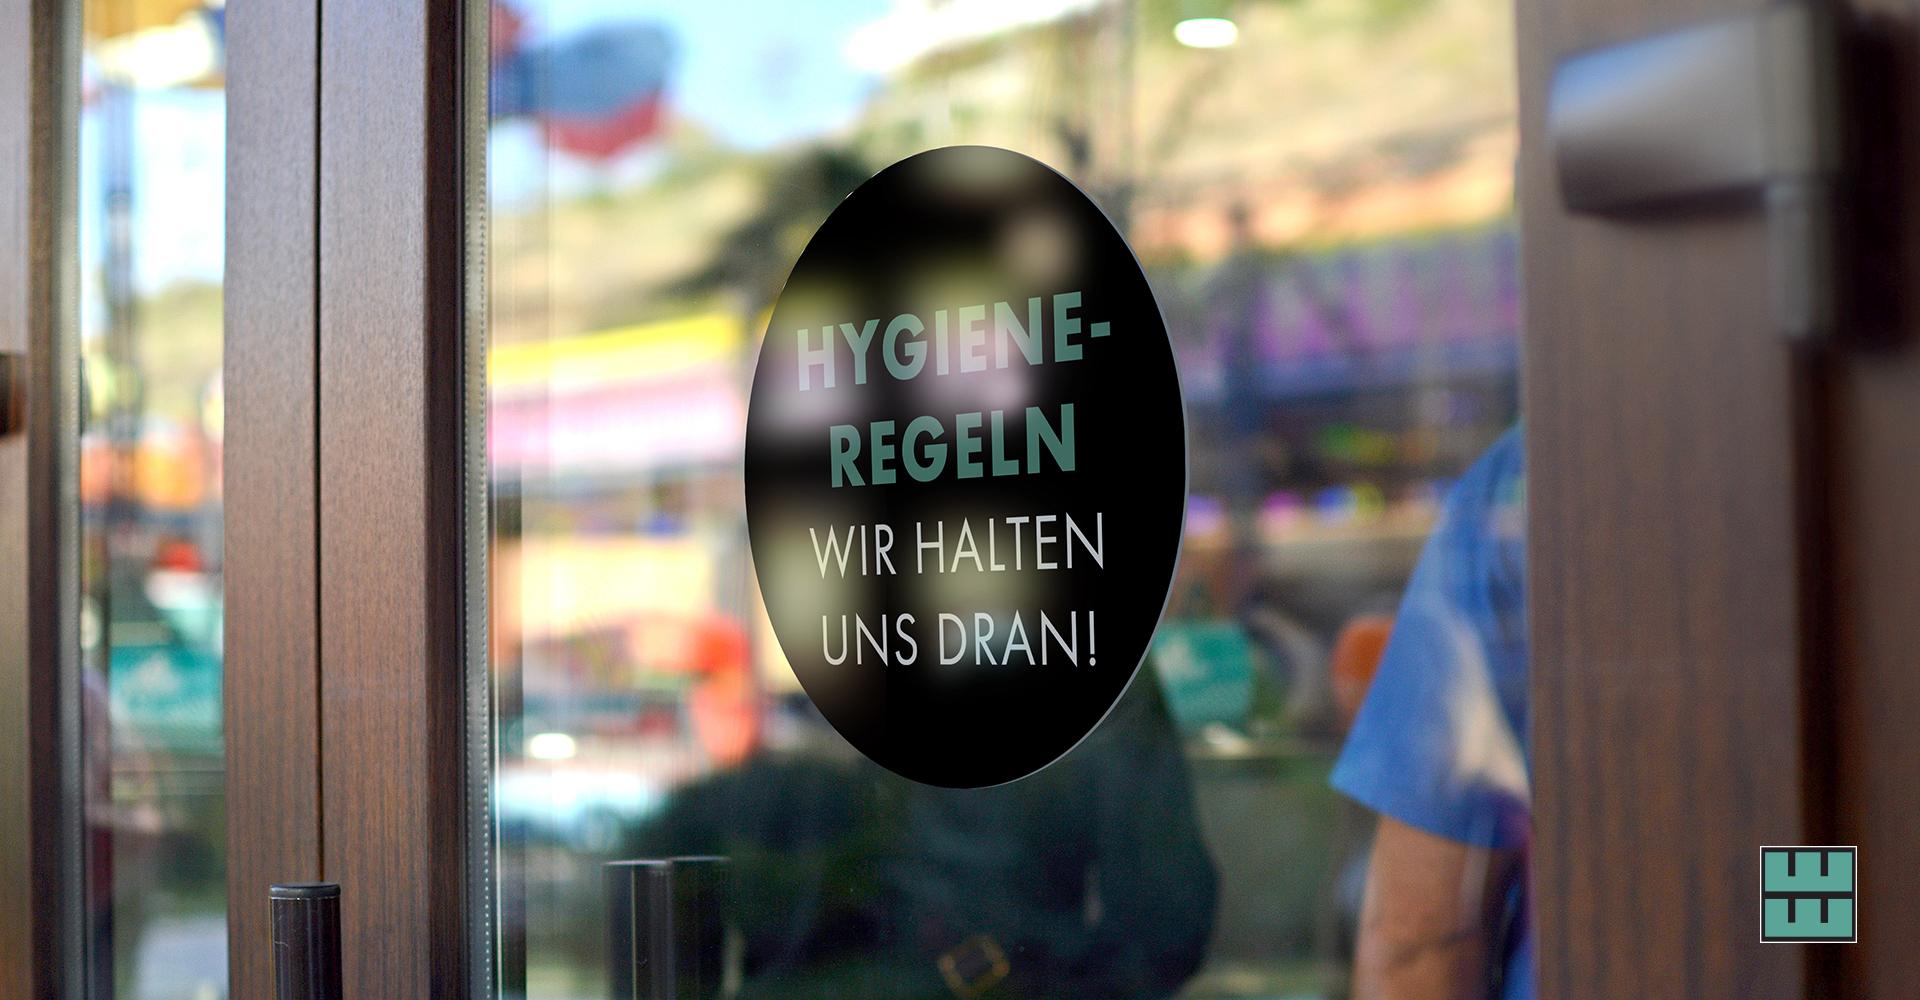 Ab dem 11.05.2020 darf die Gastronomie wieder öffnen! Jetzt Hygieneschutz sichern: Hinweise als Aufkleber